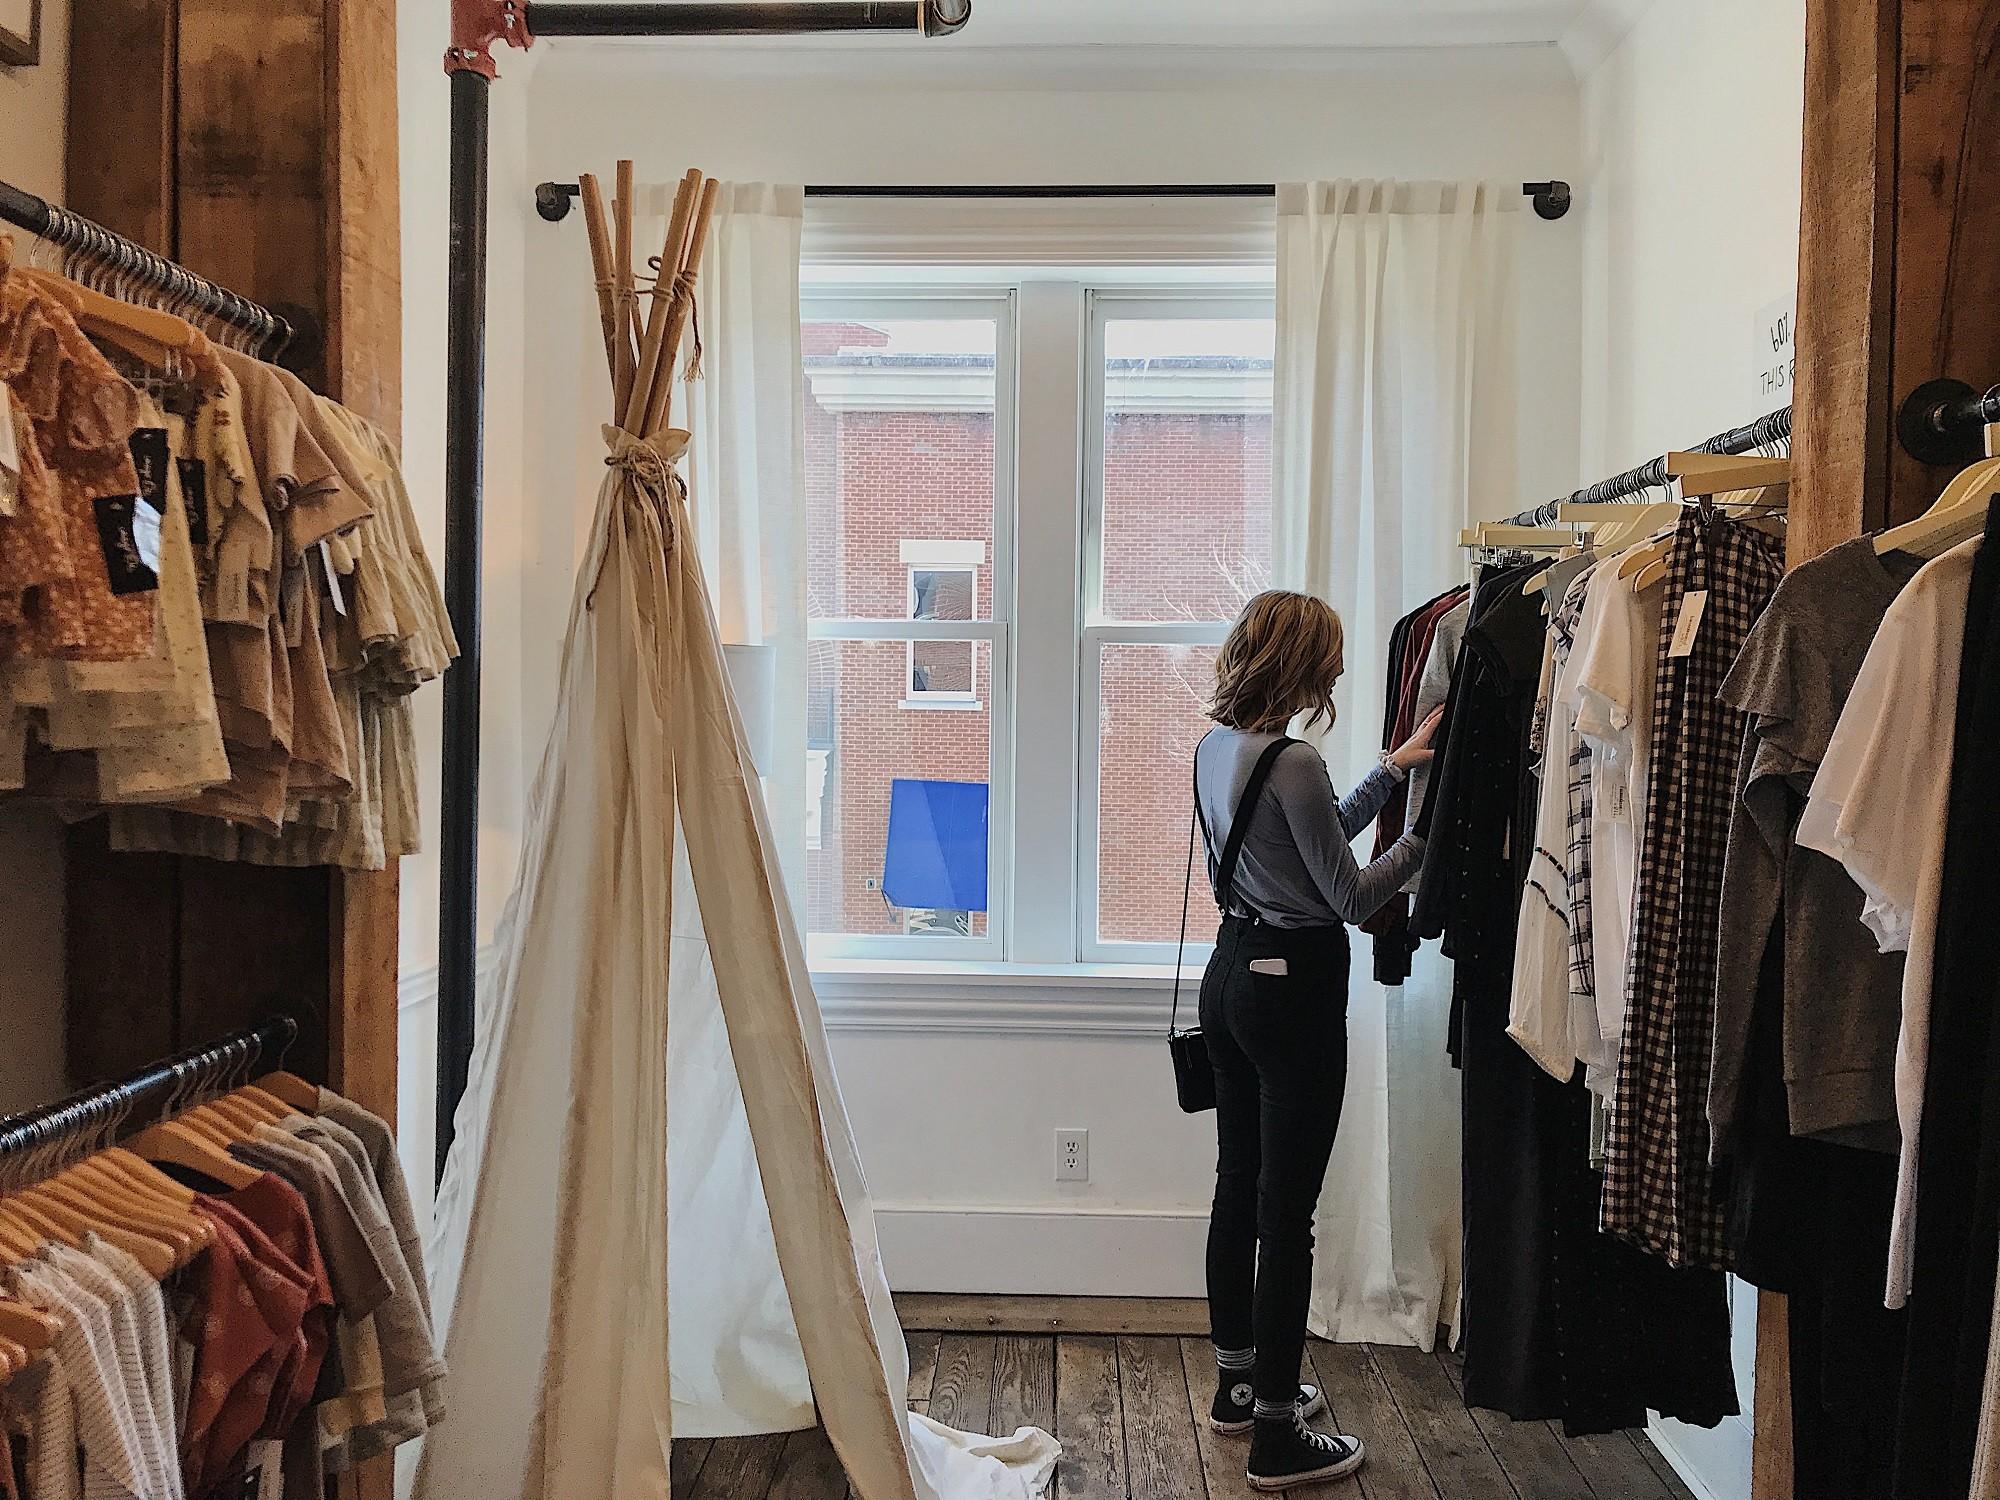 Presentamos webs de ropa barata